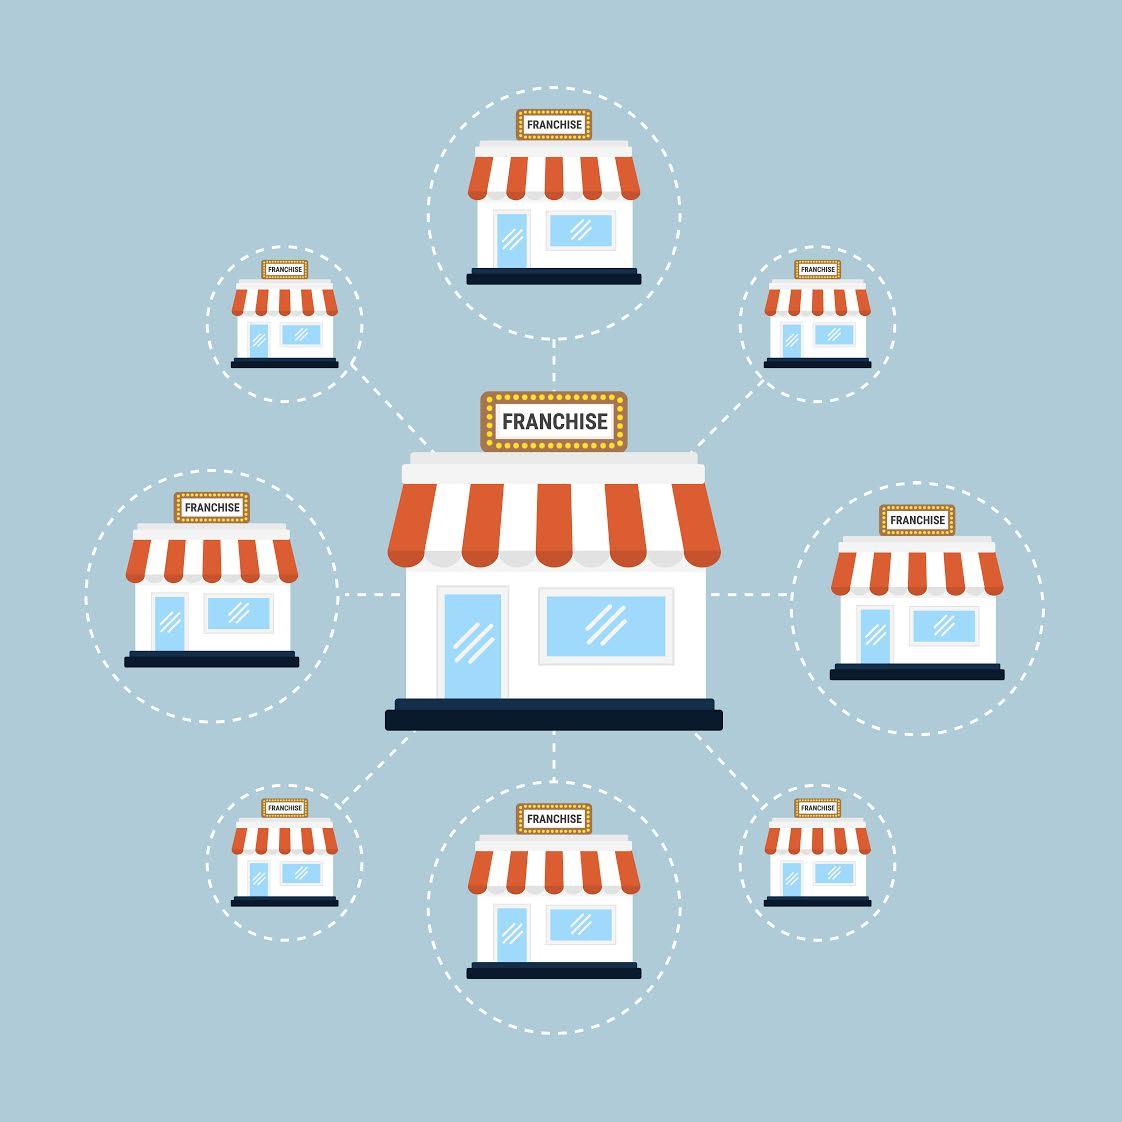 Vemos várias lojas ao redor de uma loja maior (matriz), representando o sistema de franquias (imagem ilustrativa).